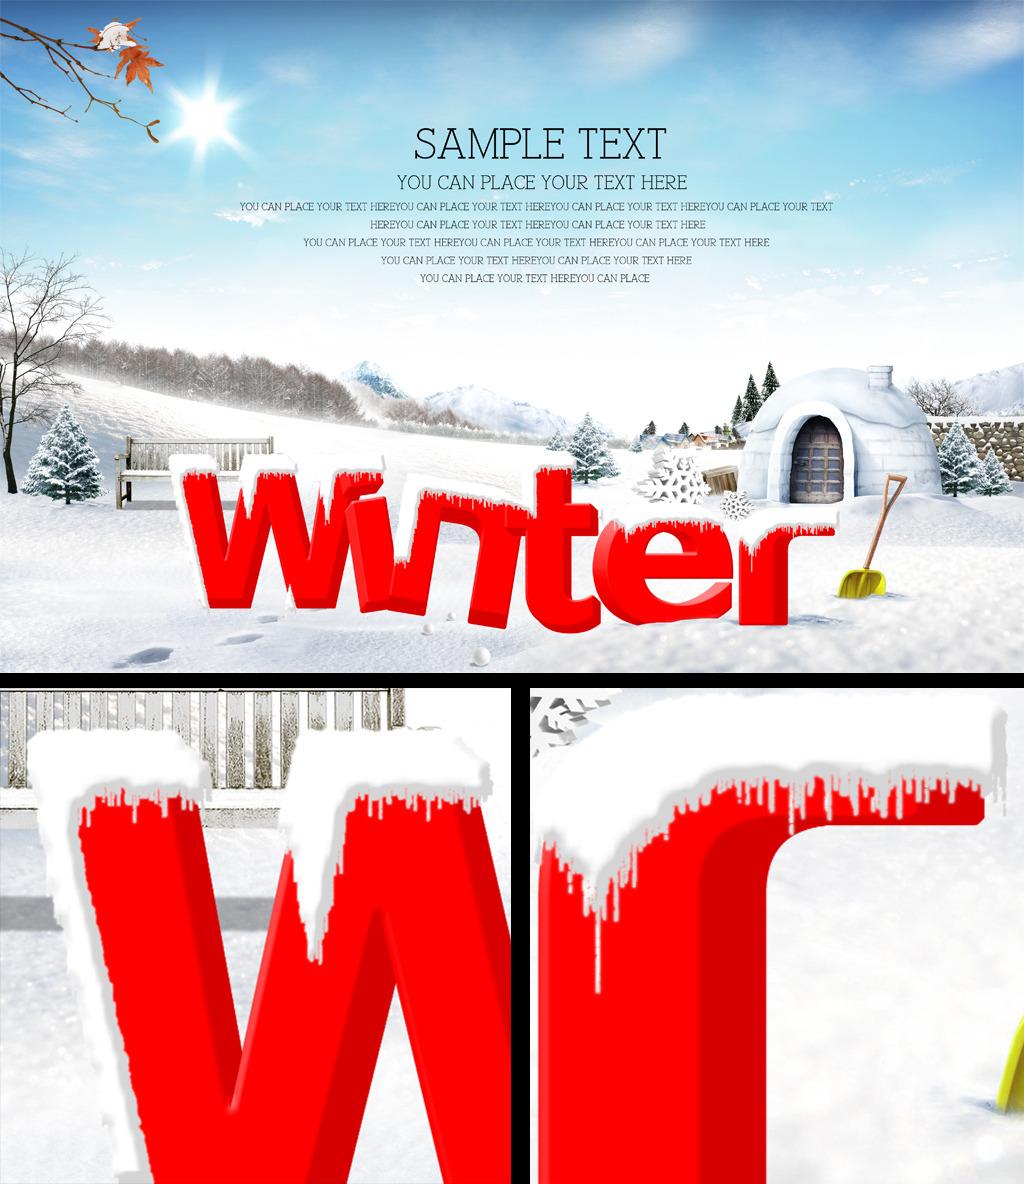 冬季海报背景设计模板下载